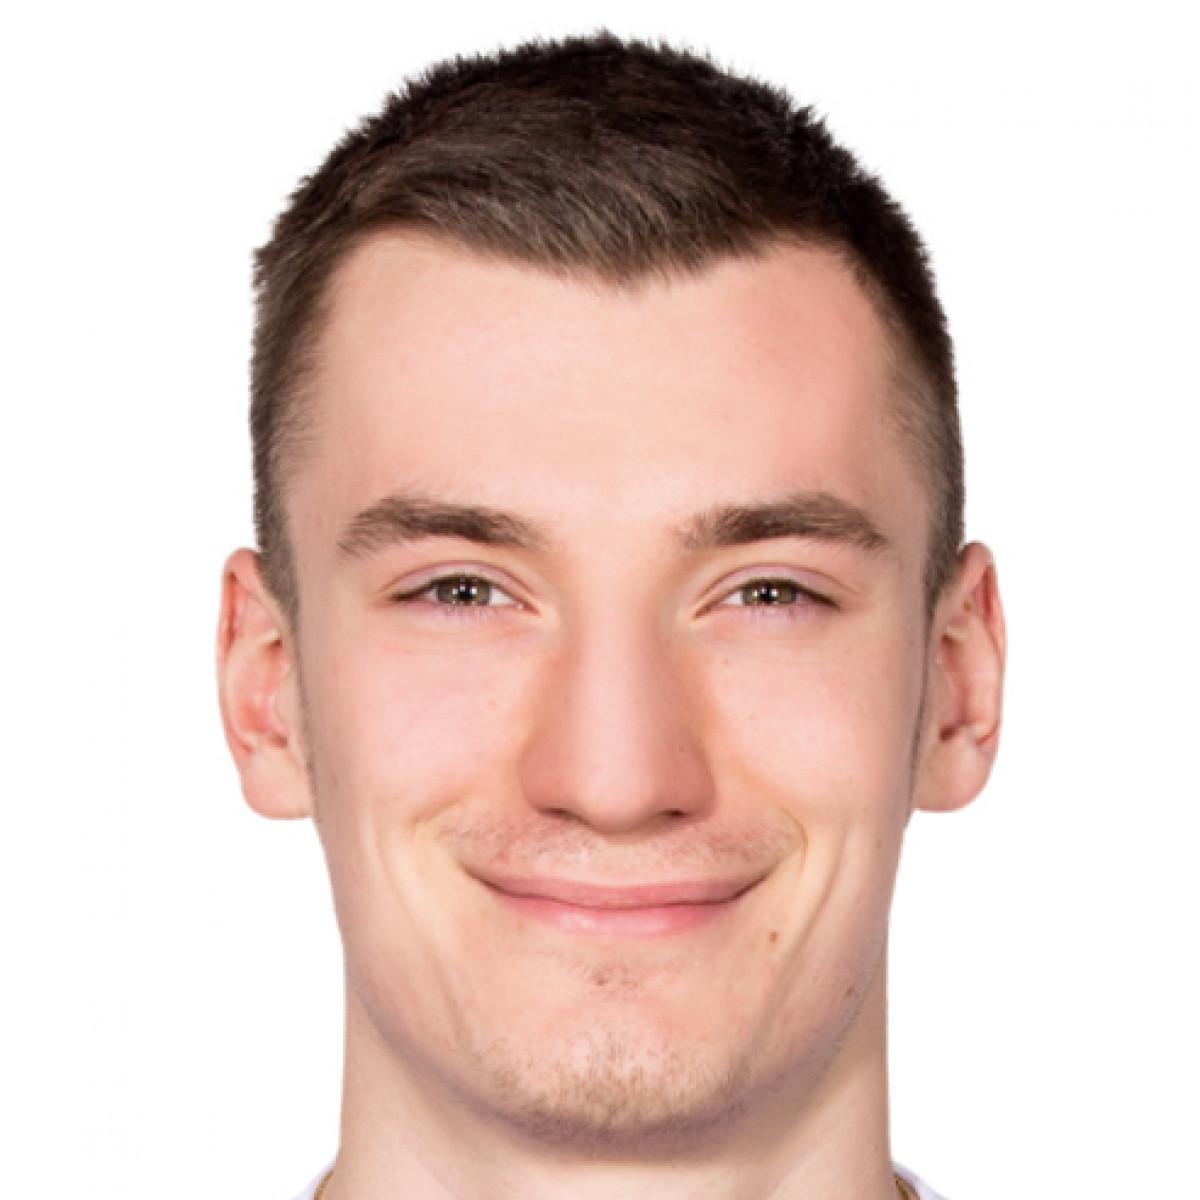 Daniel Golebiowski